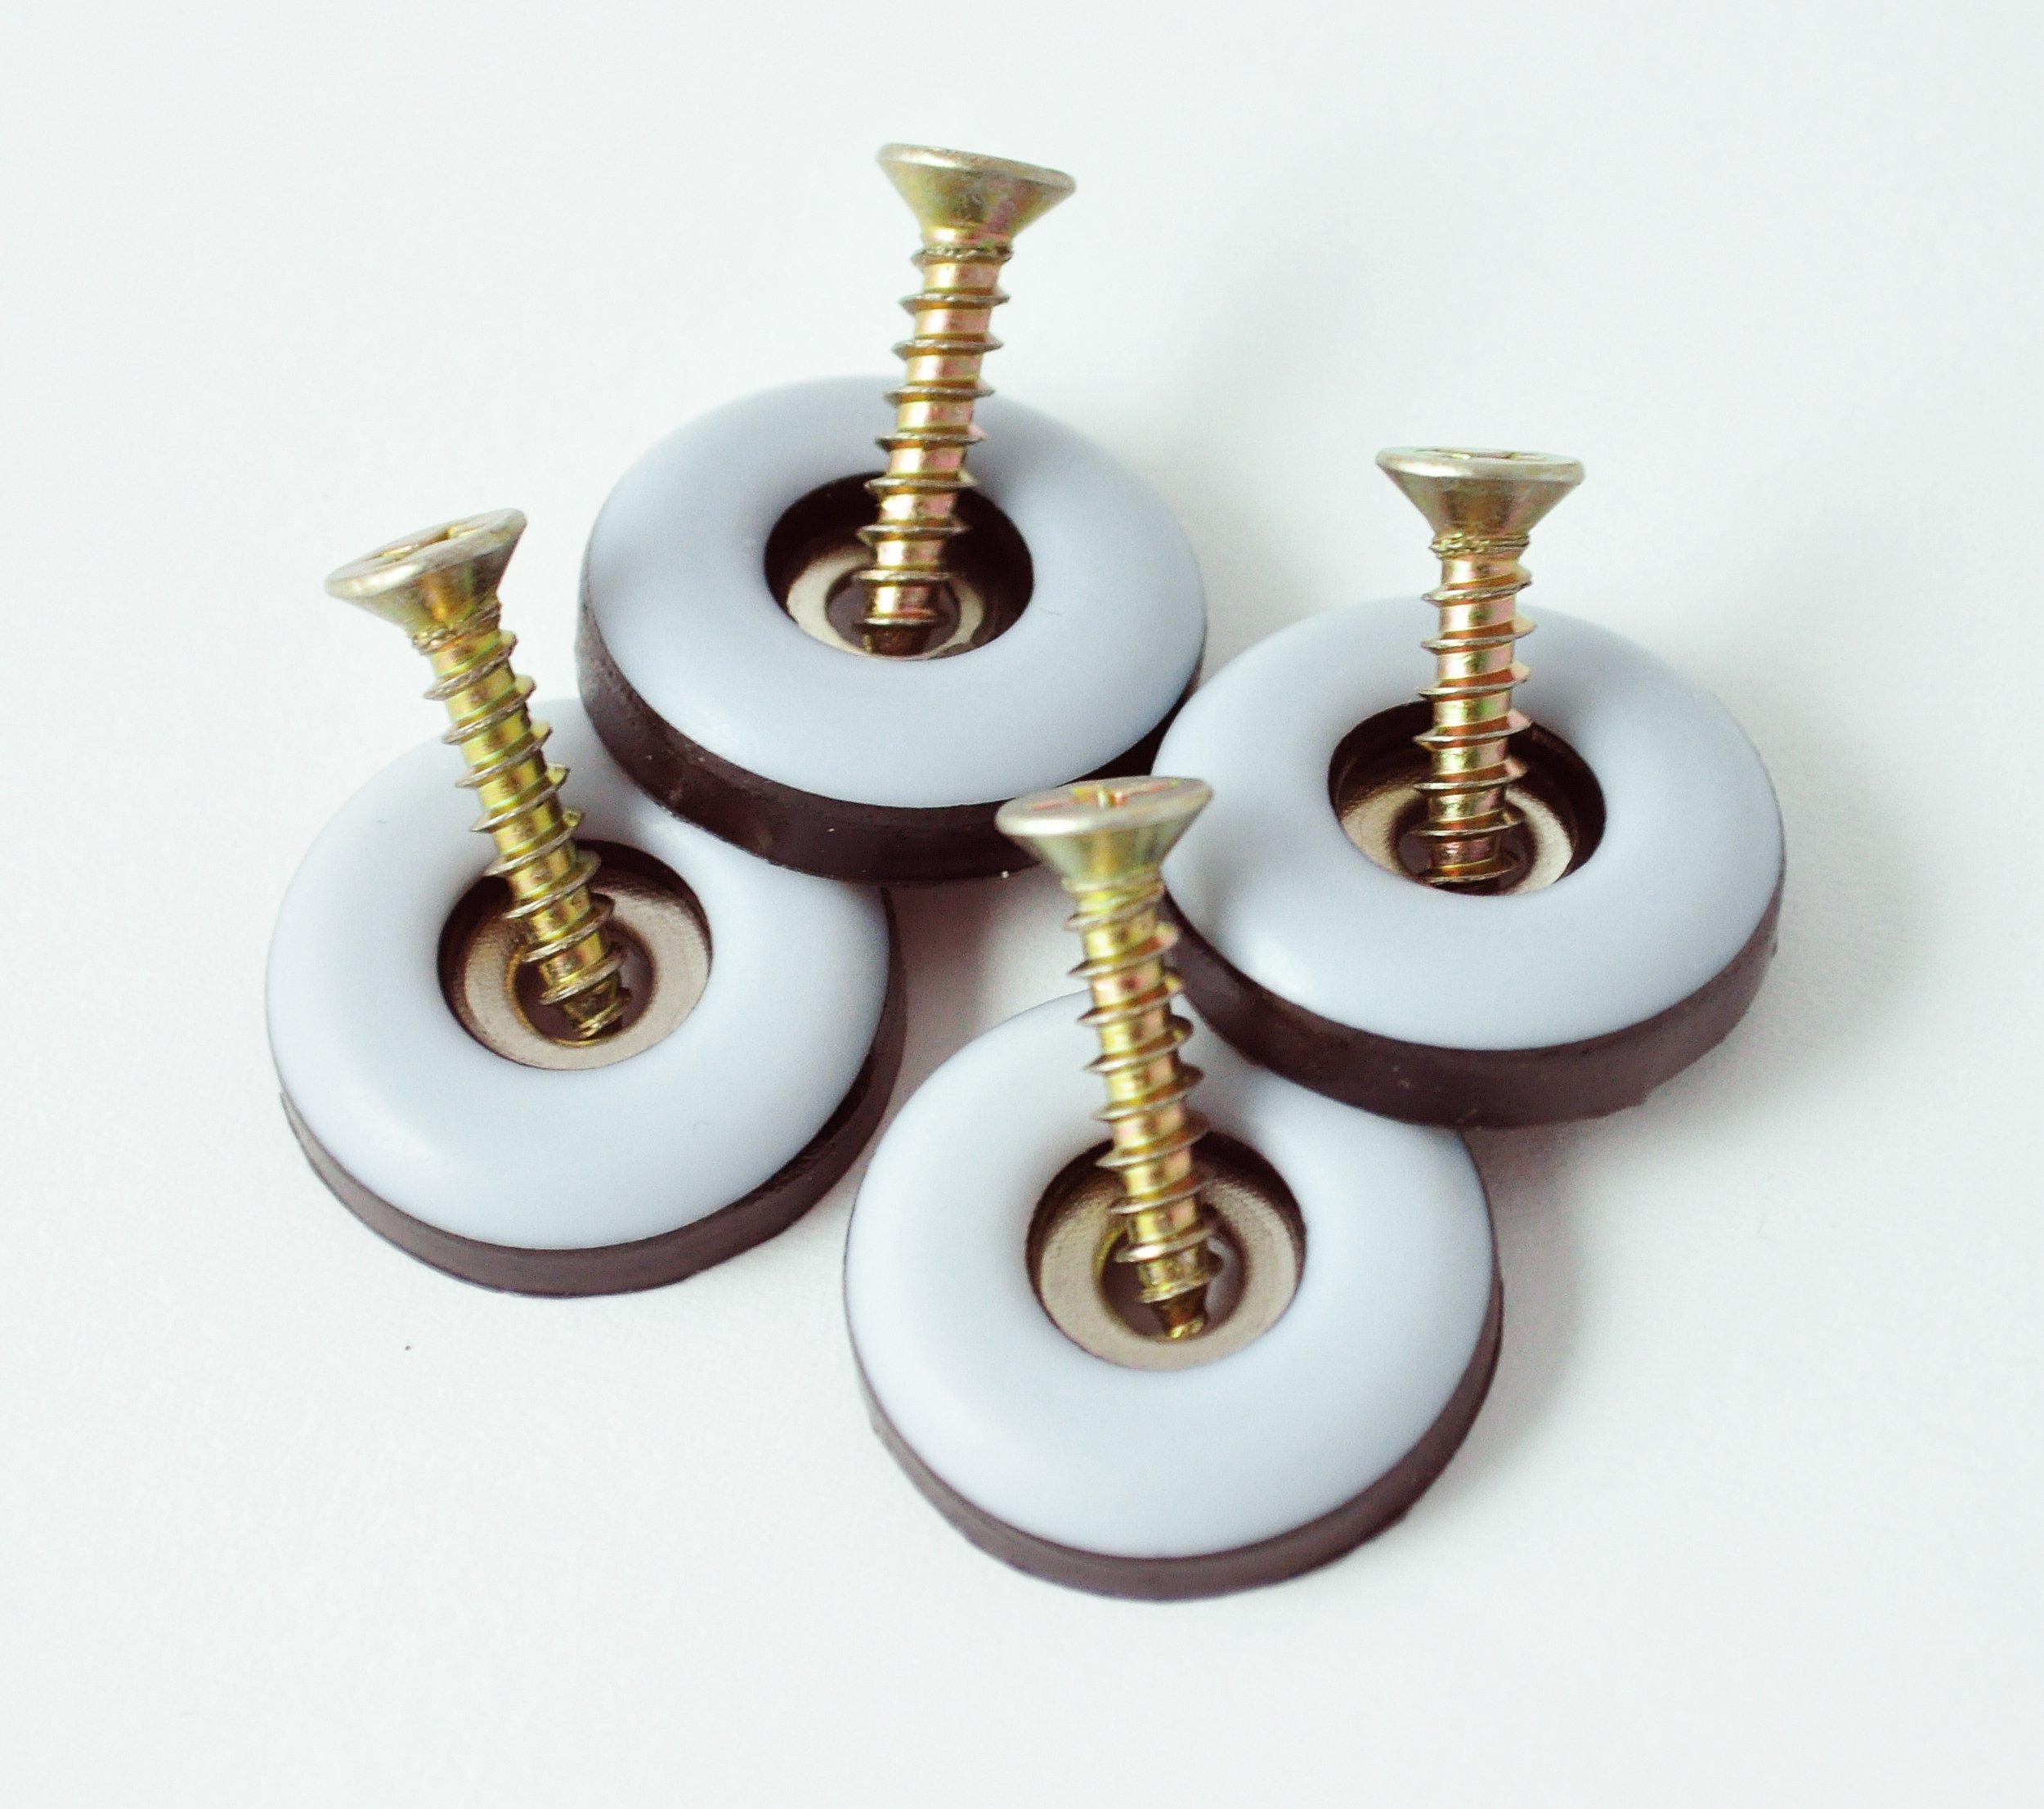 12 Teflongleiter mit Nagel Ø 30 mm Rund PTFE-Gleiter Untersetzer Möbelgleiter